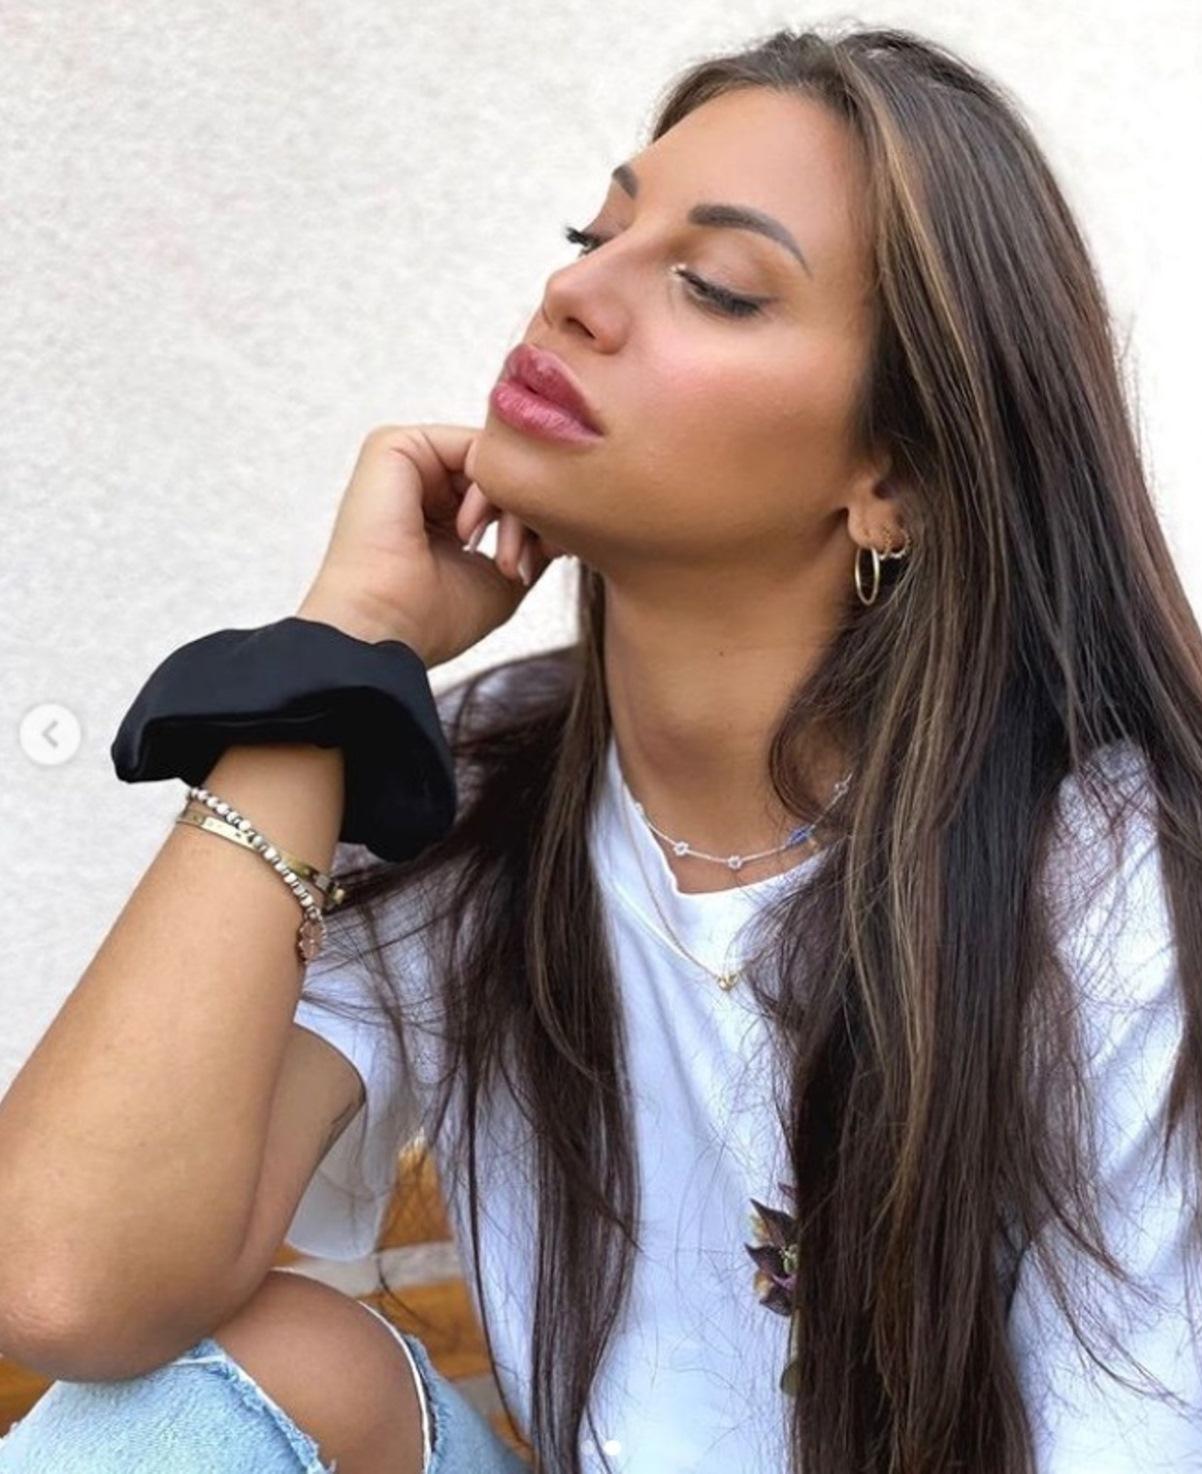 arianna moro nuova fidanzata giordano mazzocchi